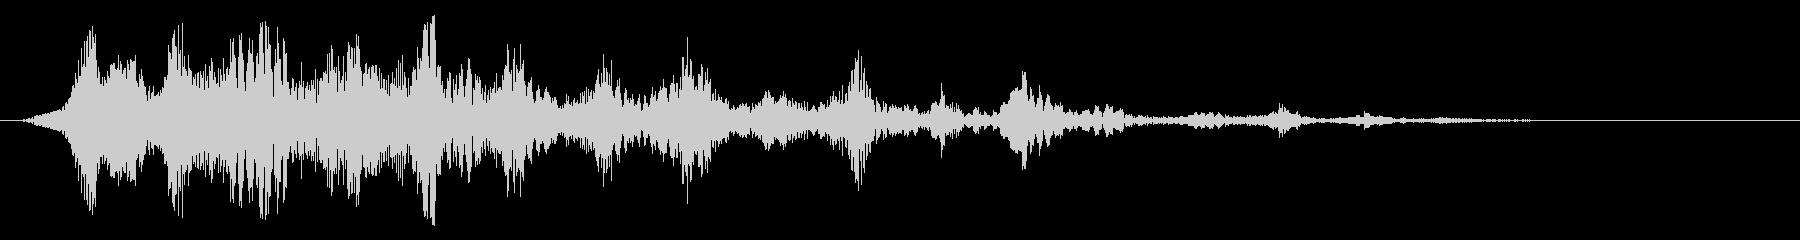 ブヮヮヮーンと響くスペース音の未再生の波形